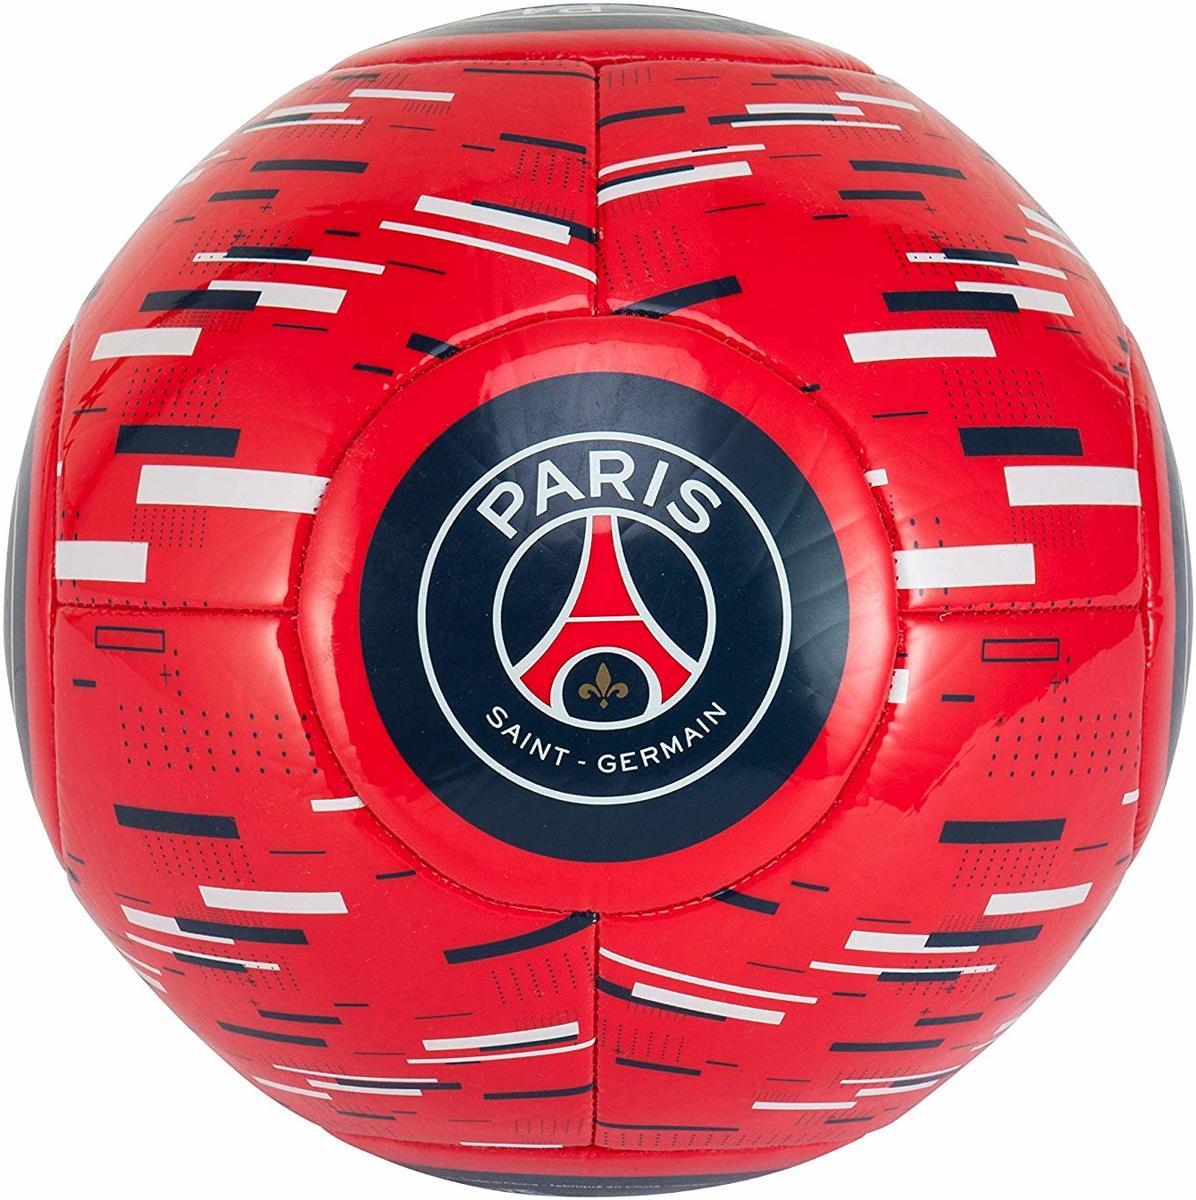 PSG Voetbal - Phantom XII - Maat 5 - Paris Saint Germain